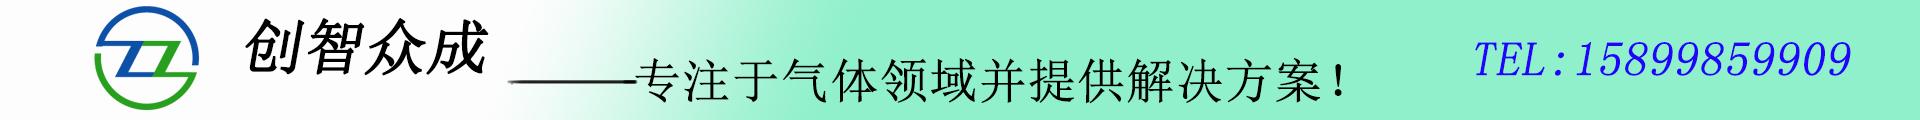 深圳市创智众成科技有限公司